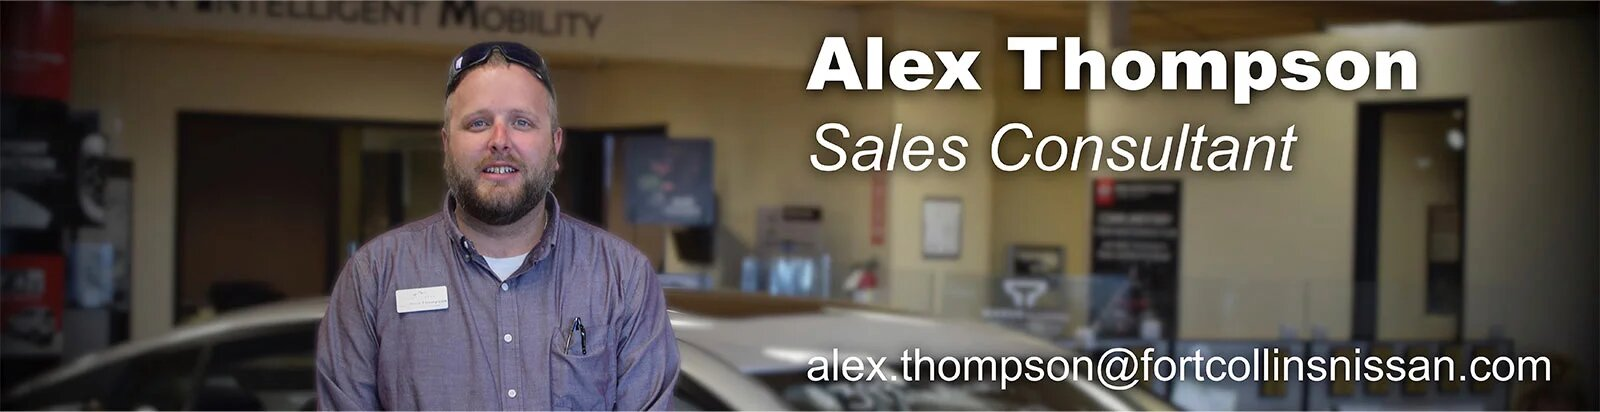 Sales Consultant Alex Thompson